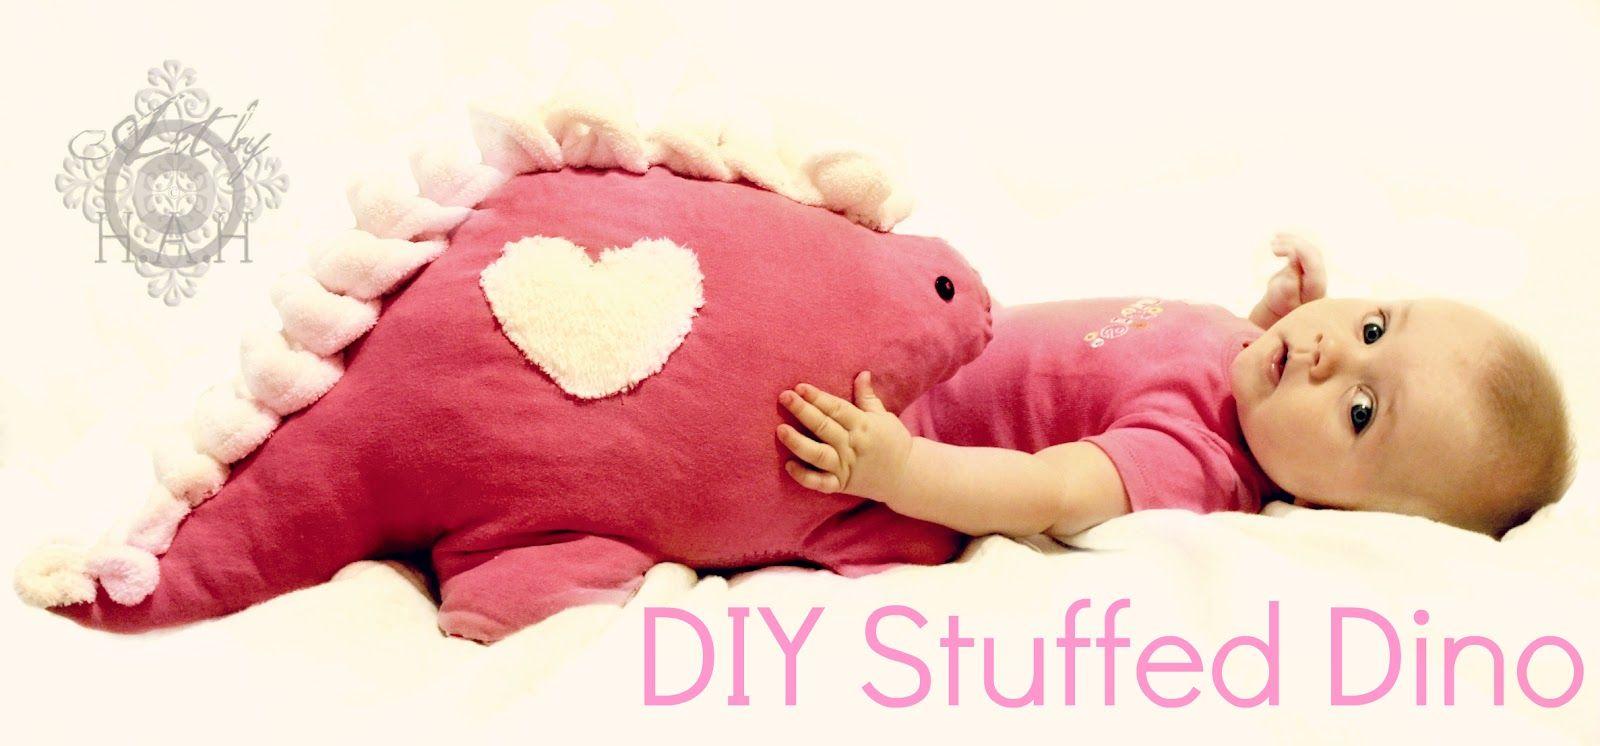 Sewing Pattern Baby Dragon Stuffed Animal Large Kawaii Plush Diy 13 Make Your Own Plushie Soft Toy Monster Dinosaur